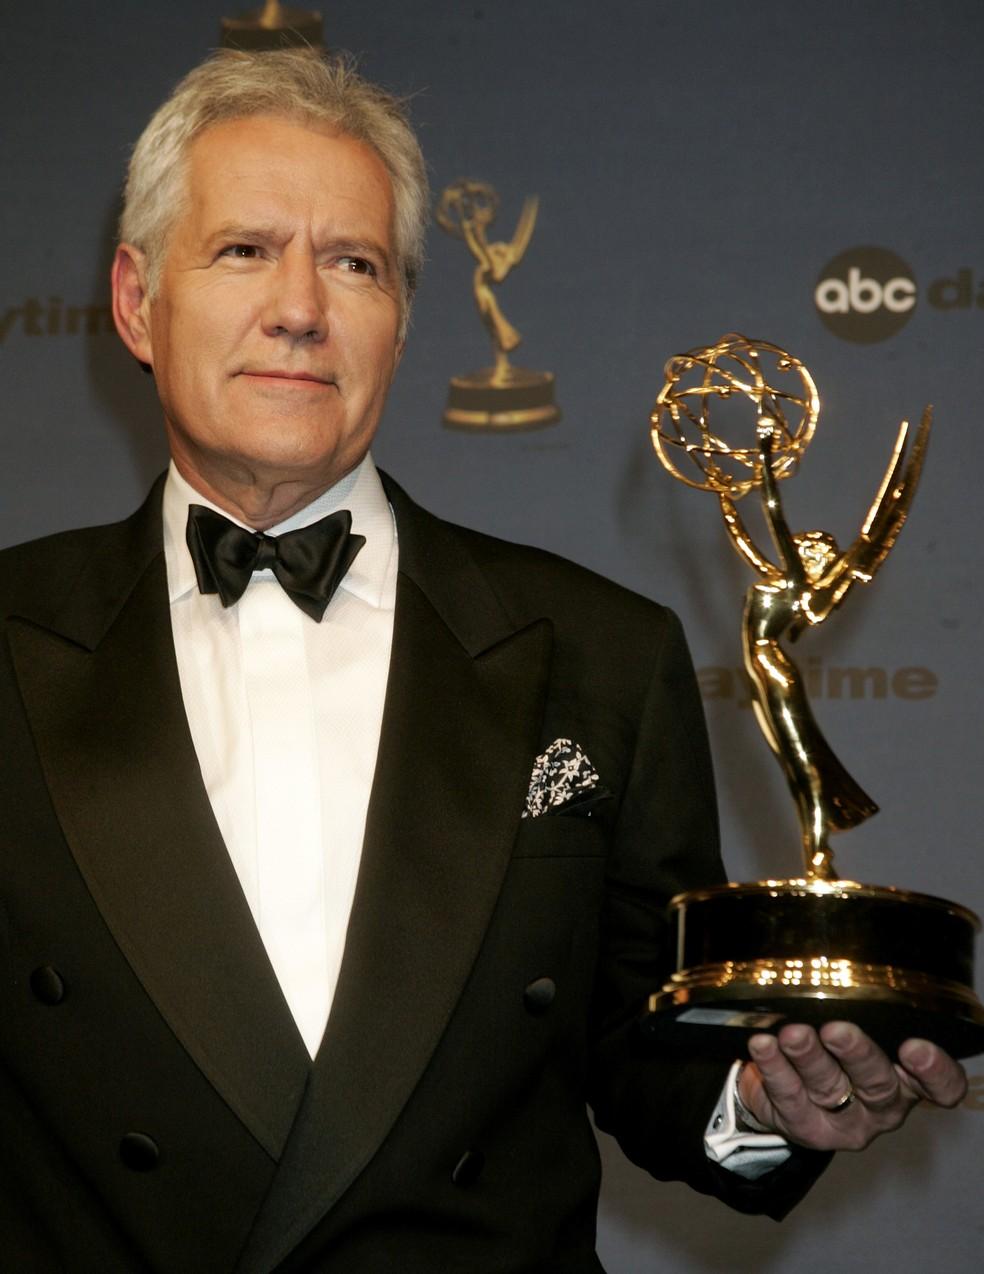 Alex Trebek, apresentador do game show 'Jeopardy!' posa com seu prêmio Emmy no 33º Daytime Emmy Awards em Hollywood, na Califórnia, em abril de 2006 — Foto: Fred Prouser/Reuters/Arquivo